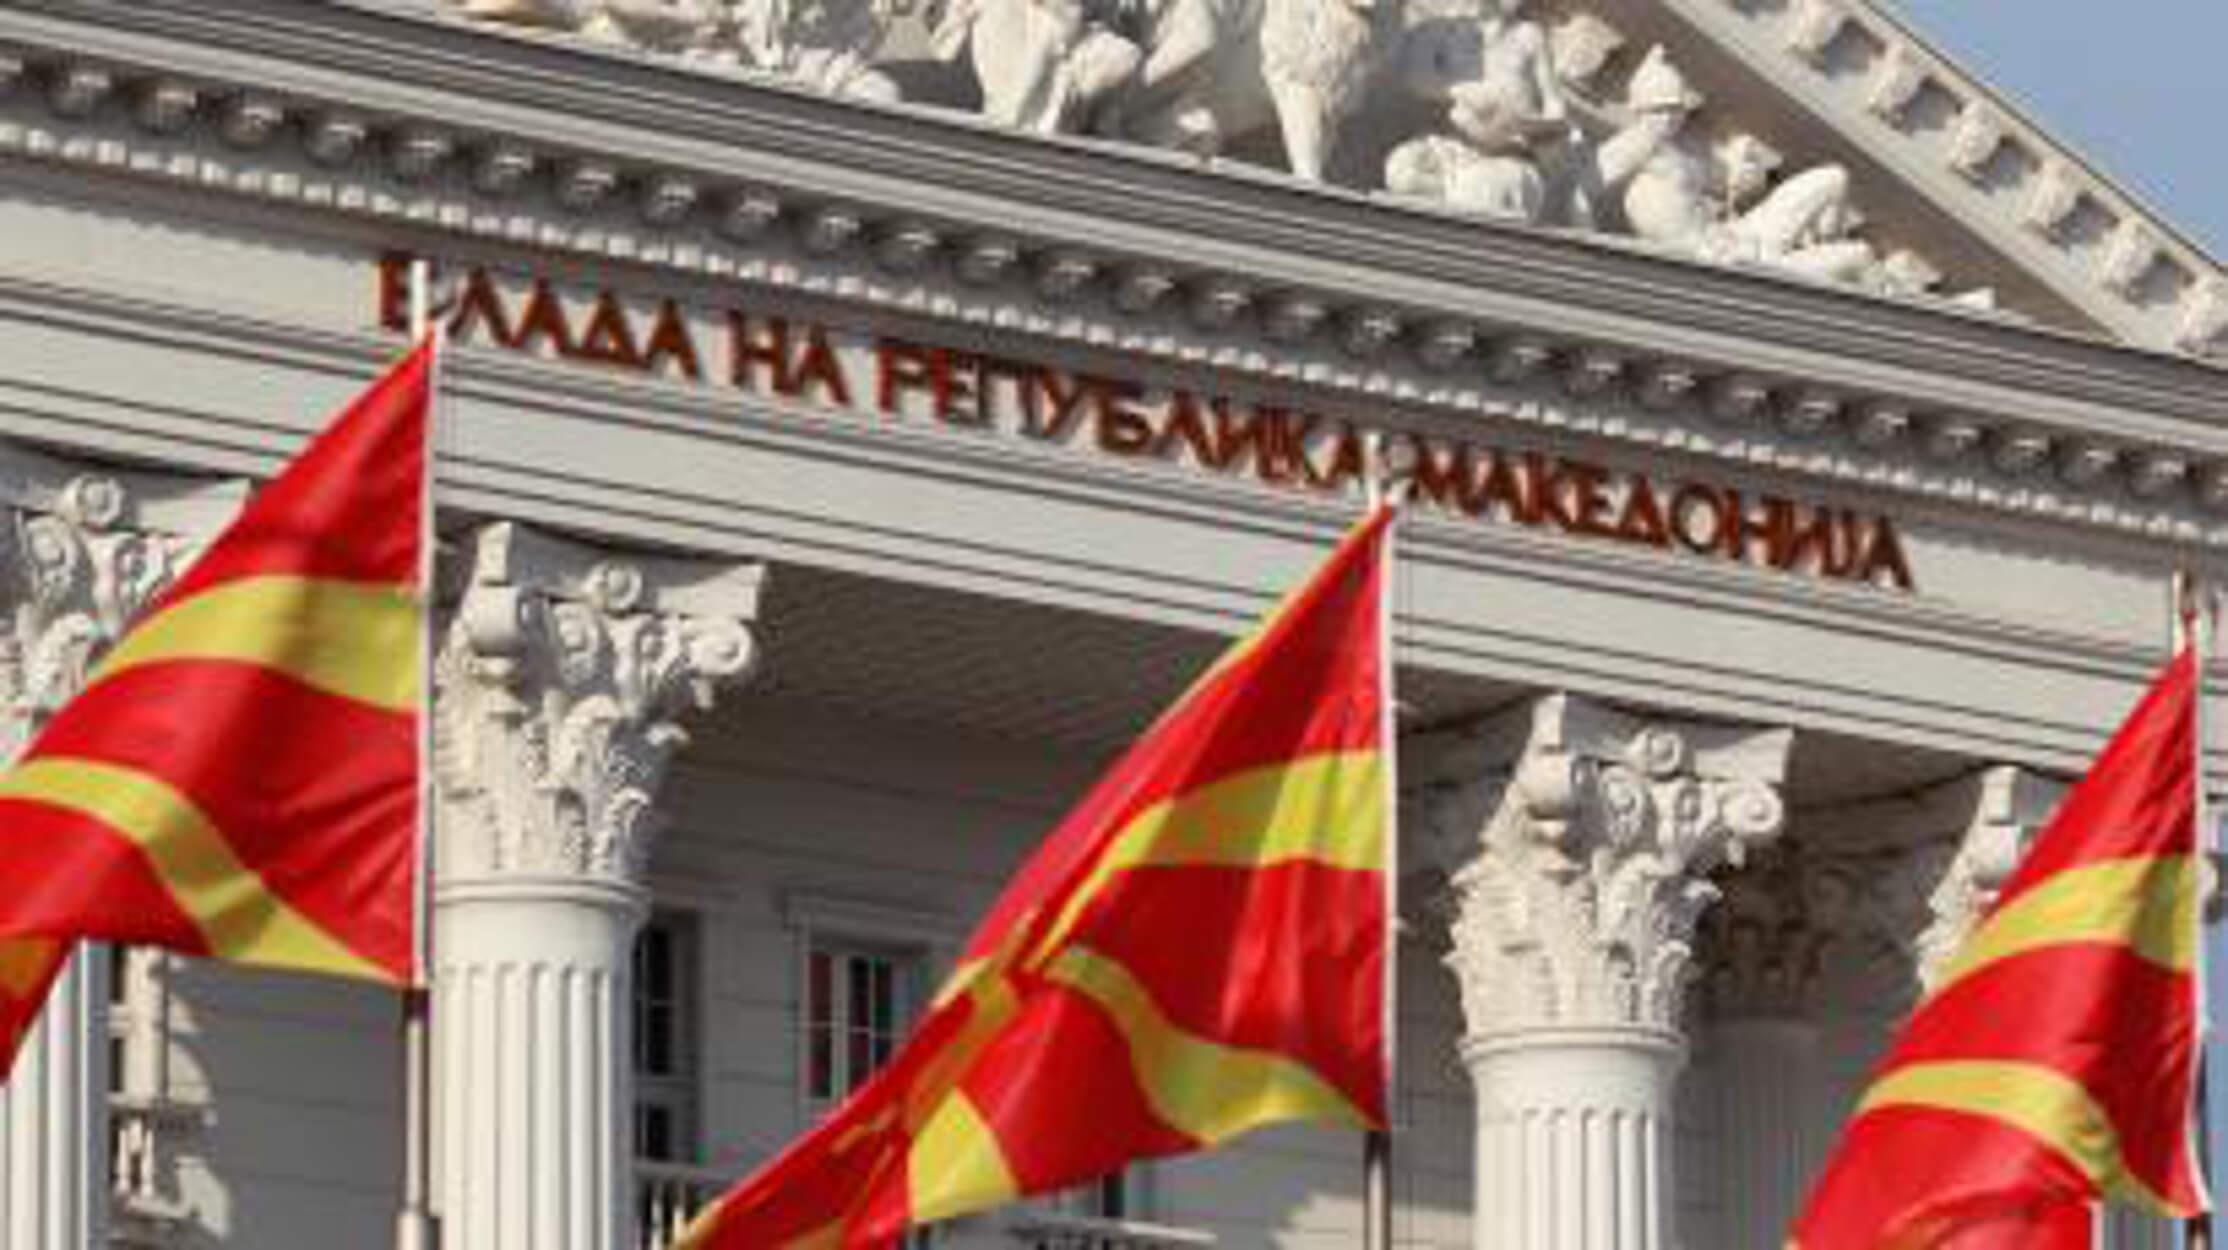 Βόρεια Μακεδονία: Άλλαξε η πινακίδα στο κτίριο της κυβέρνησης εν'όψει… Τσίπρα [pic]